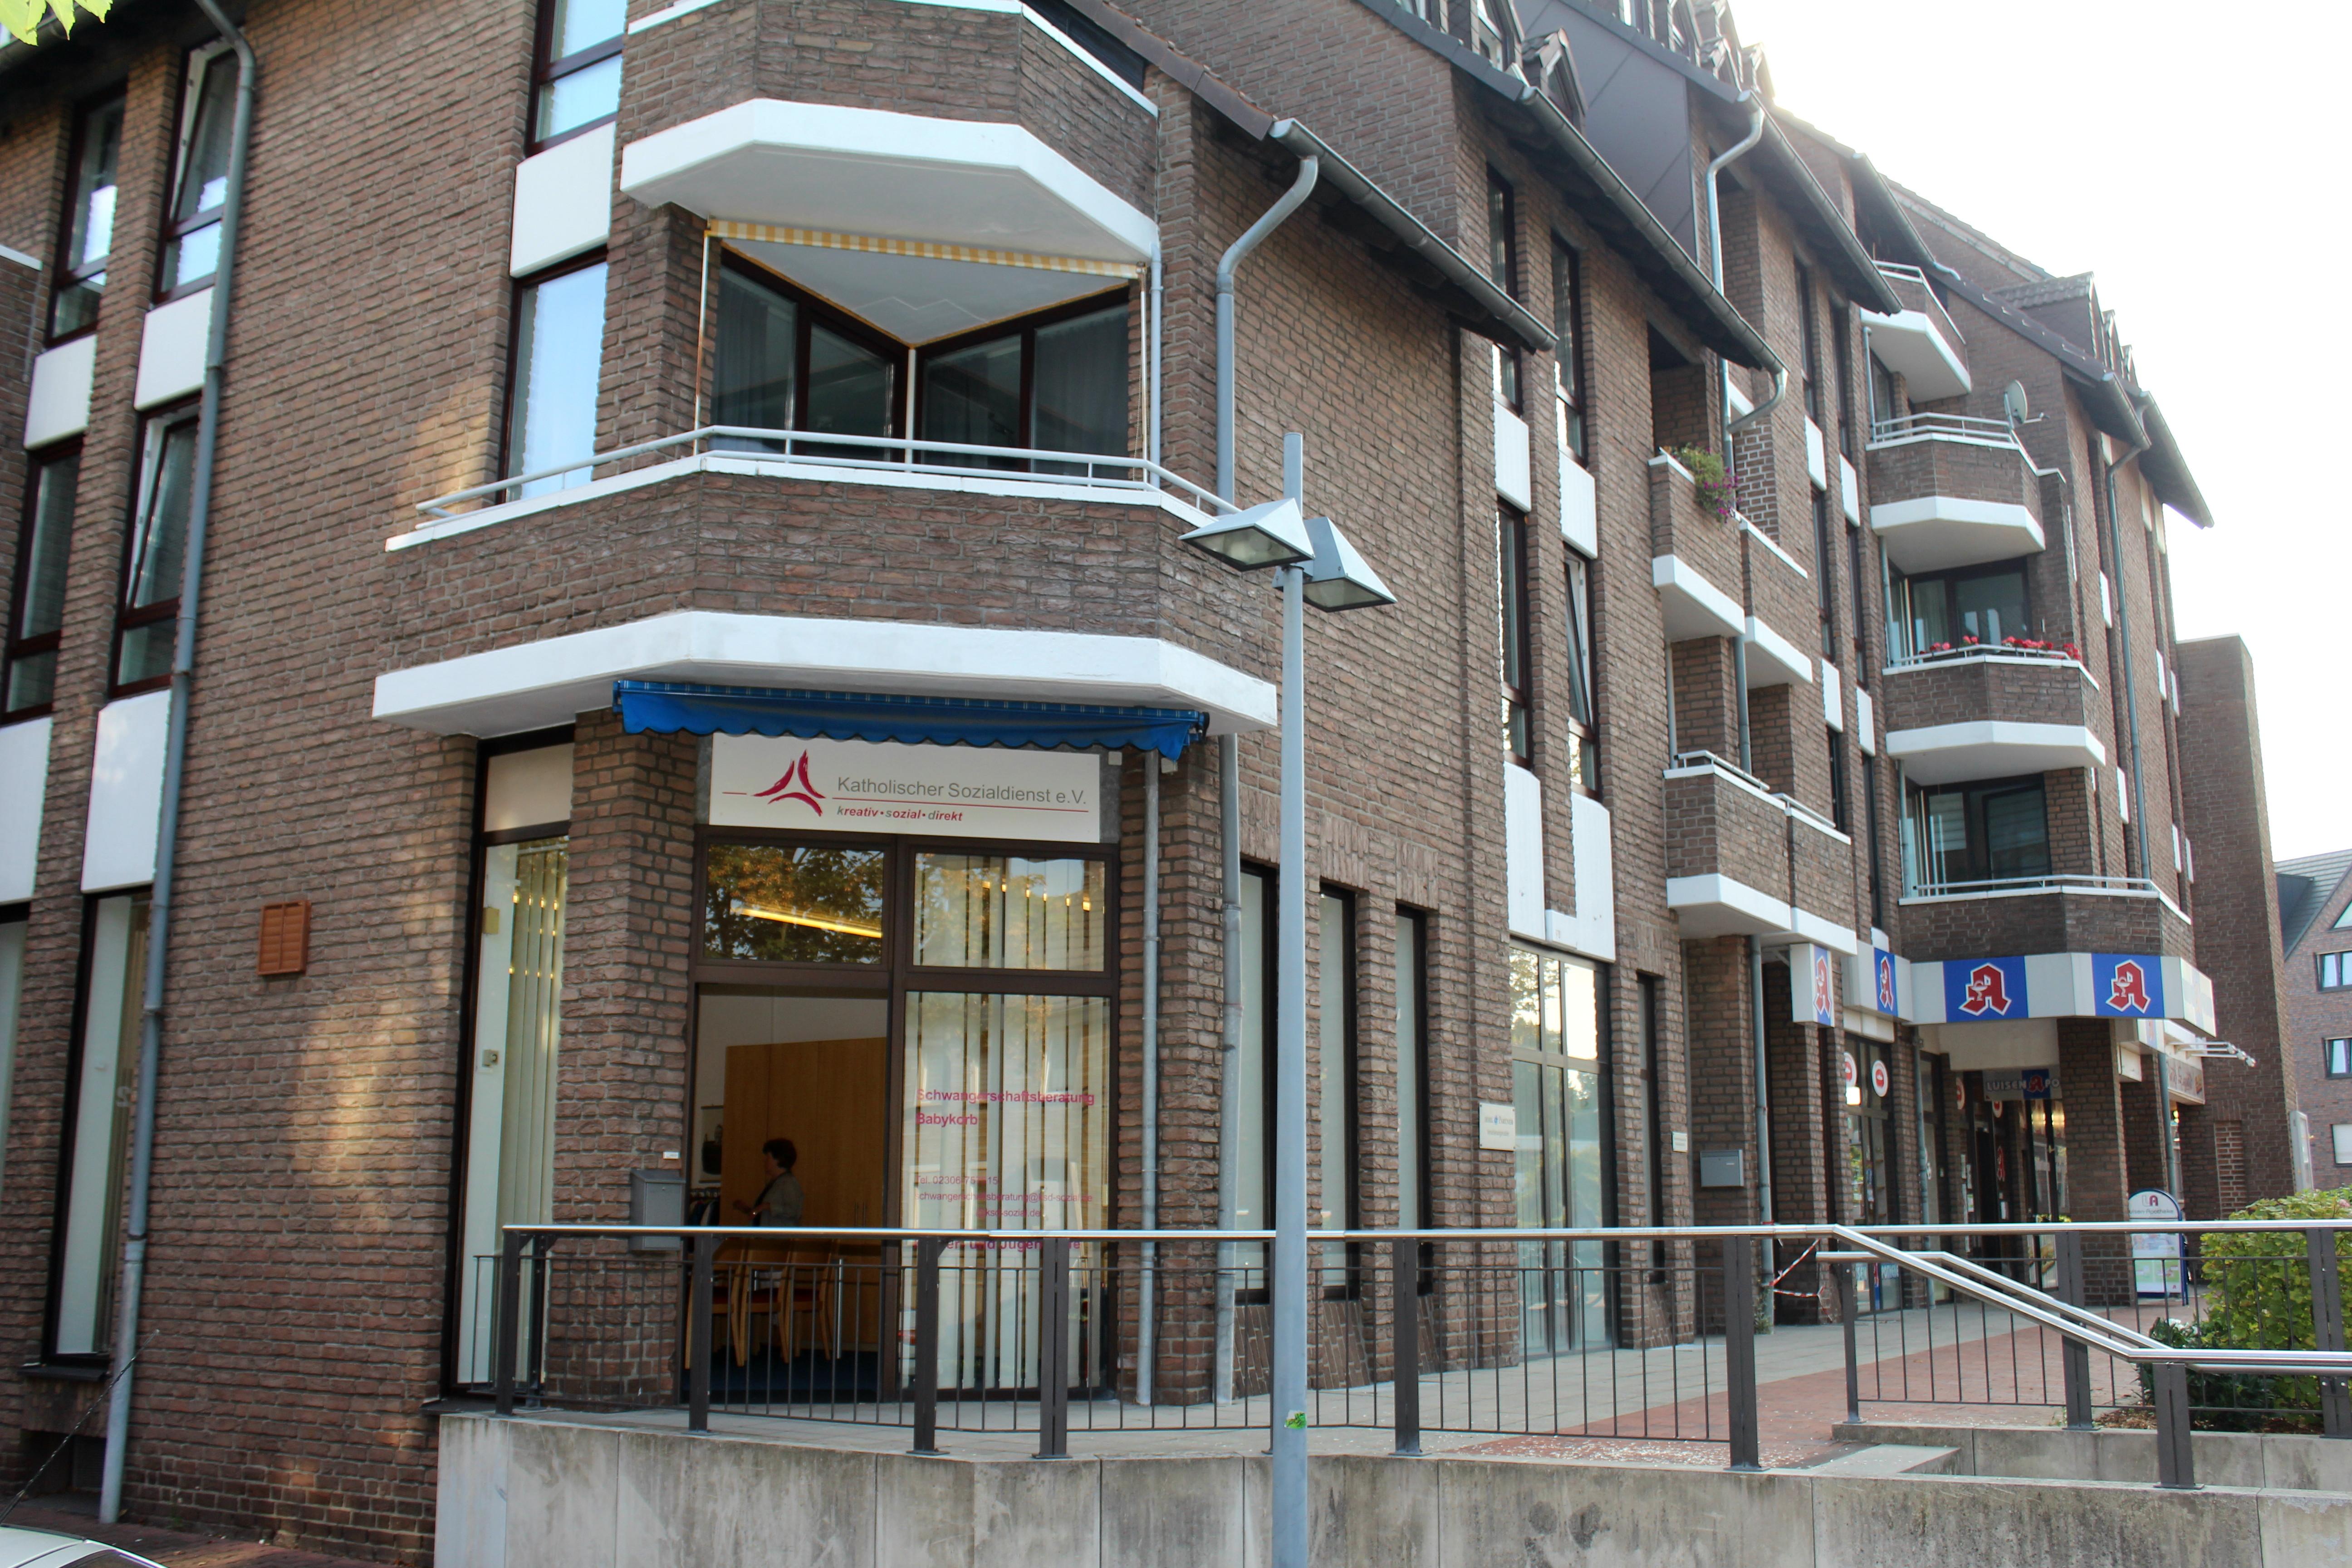 Moltkestraße 2 - 44534 Lünen